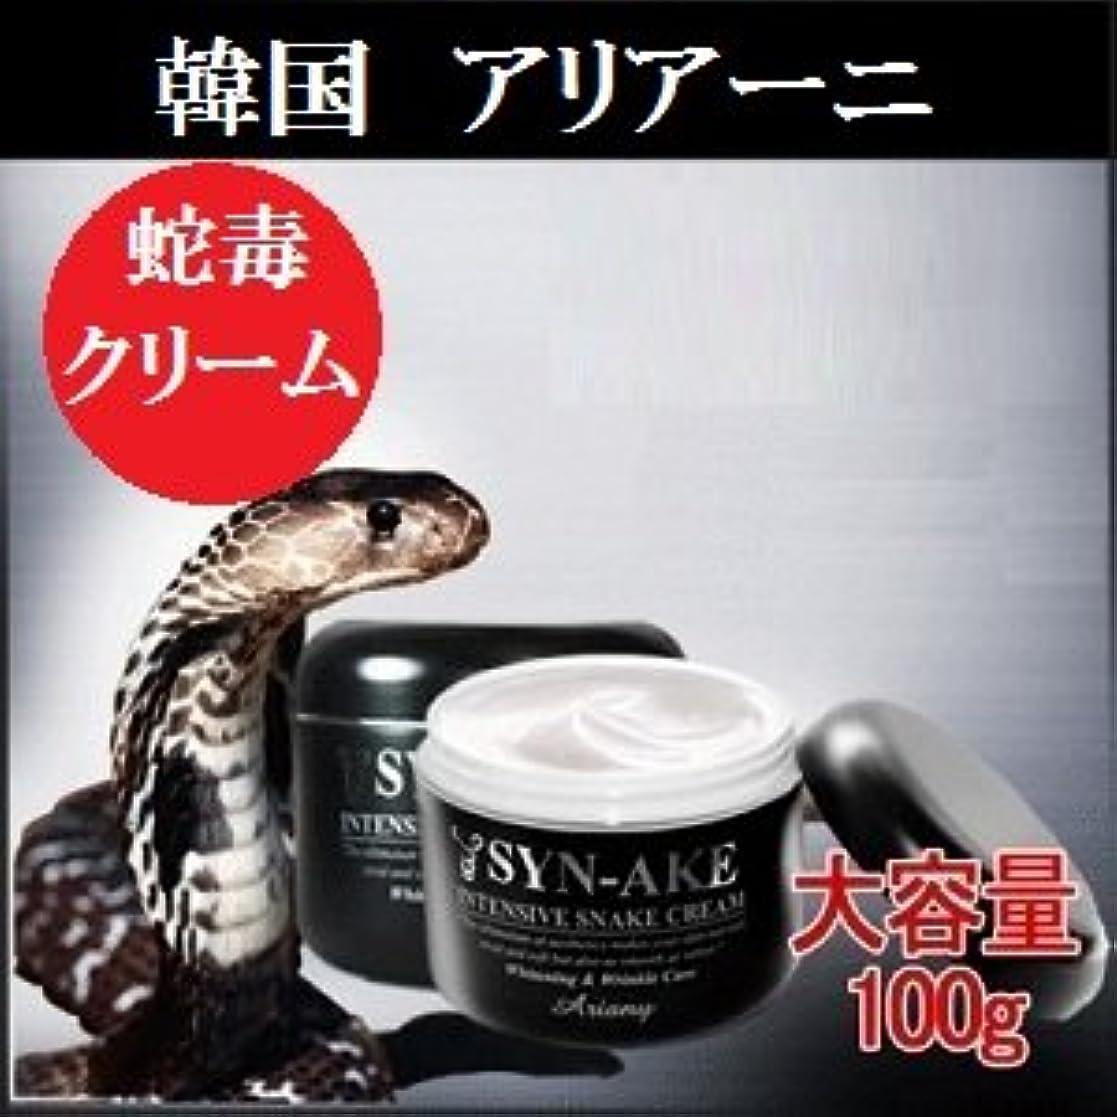 エキゾチックほとんどないおもしろい韓国アリアー二 (Ariany) シンエイク 毒蛇クリーム